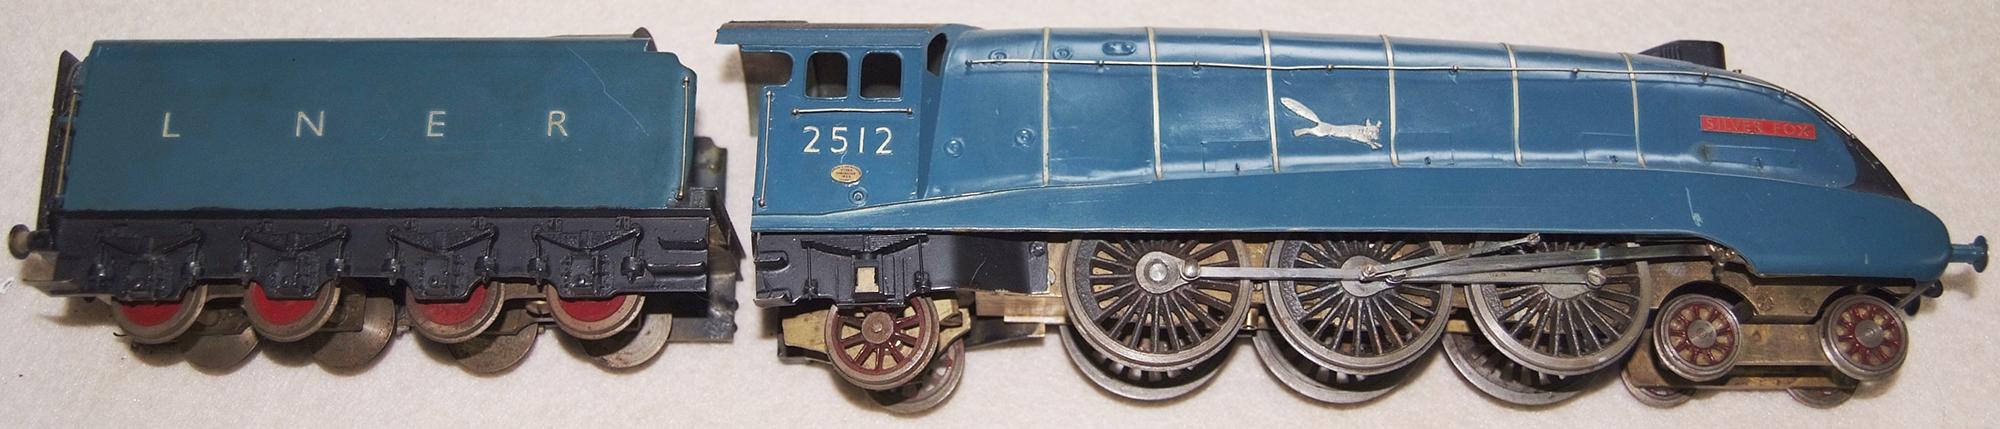 O Gauge Scratch Built a4 Pacific 4-6-2 Locomotive